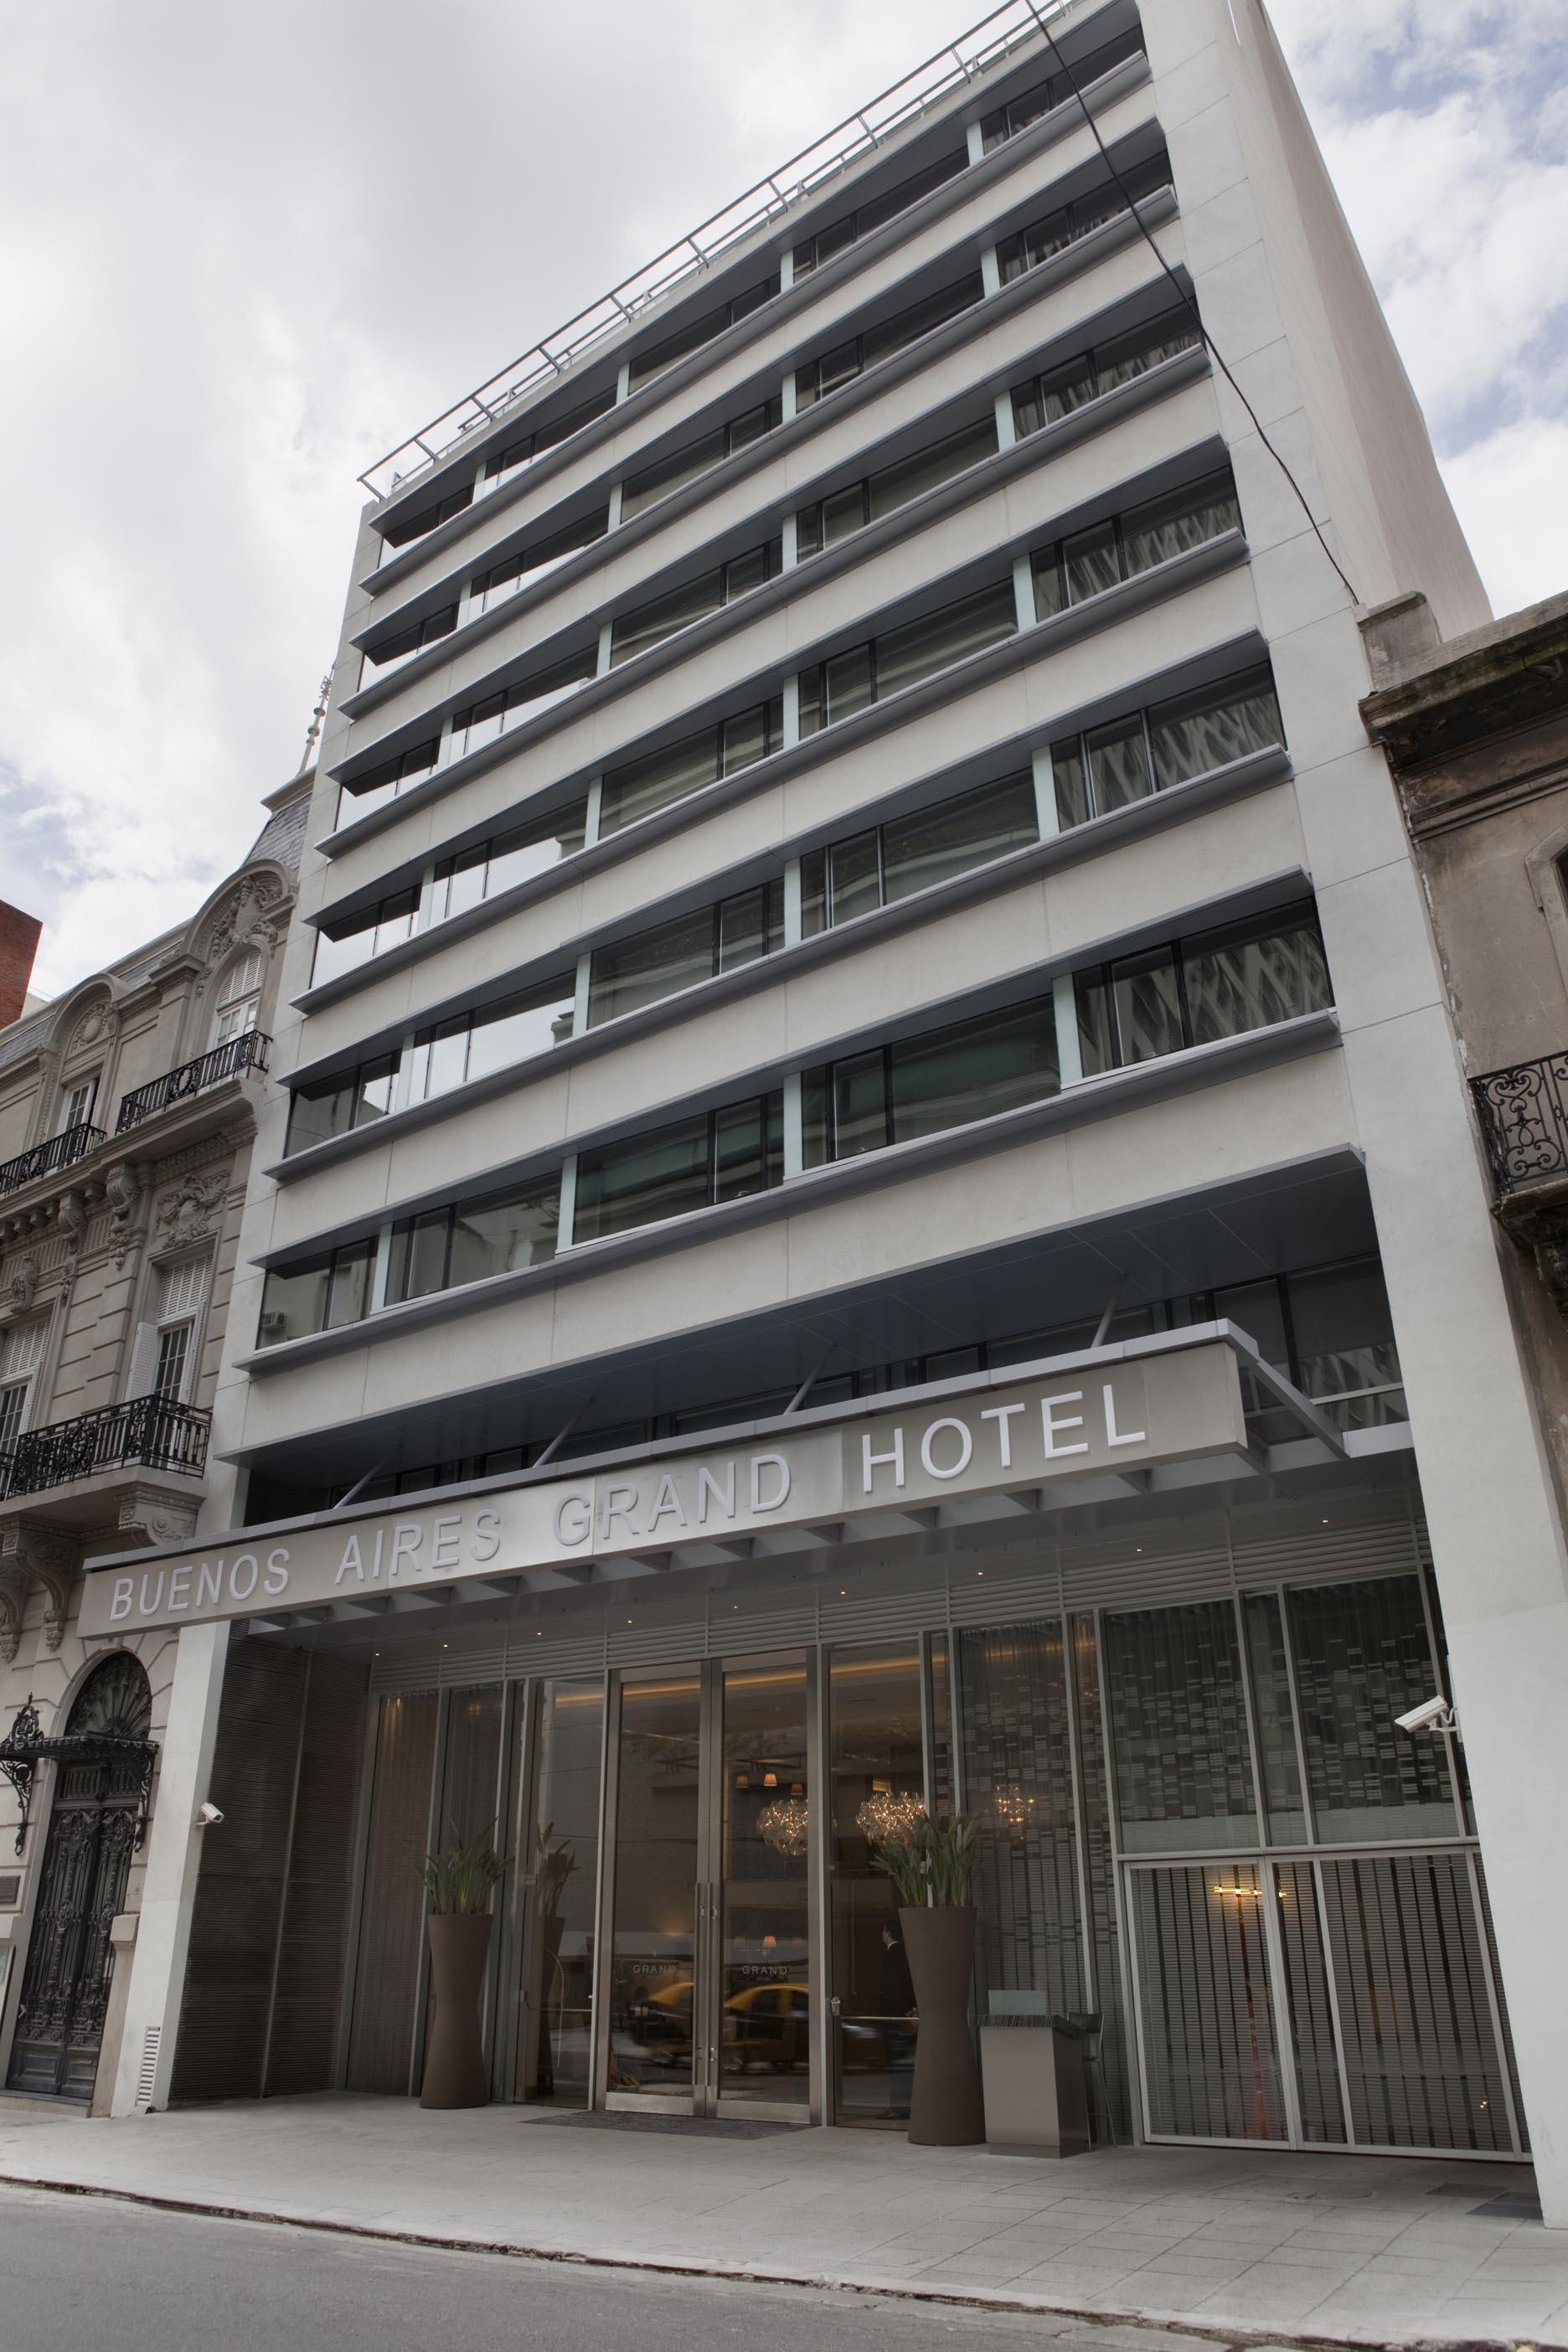 Buenos Aires Grand Hotel ubicado en Las Heras 1745